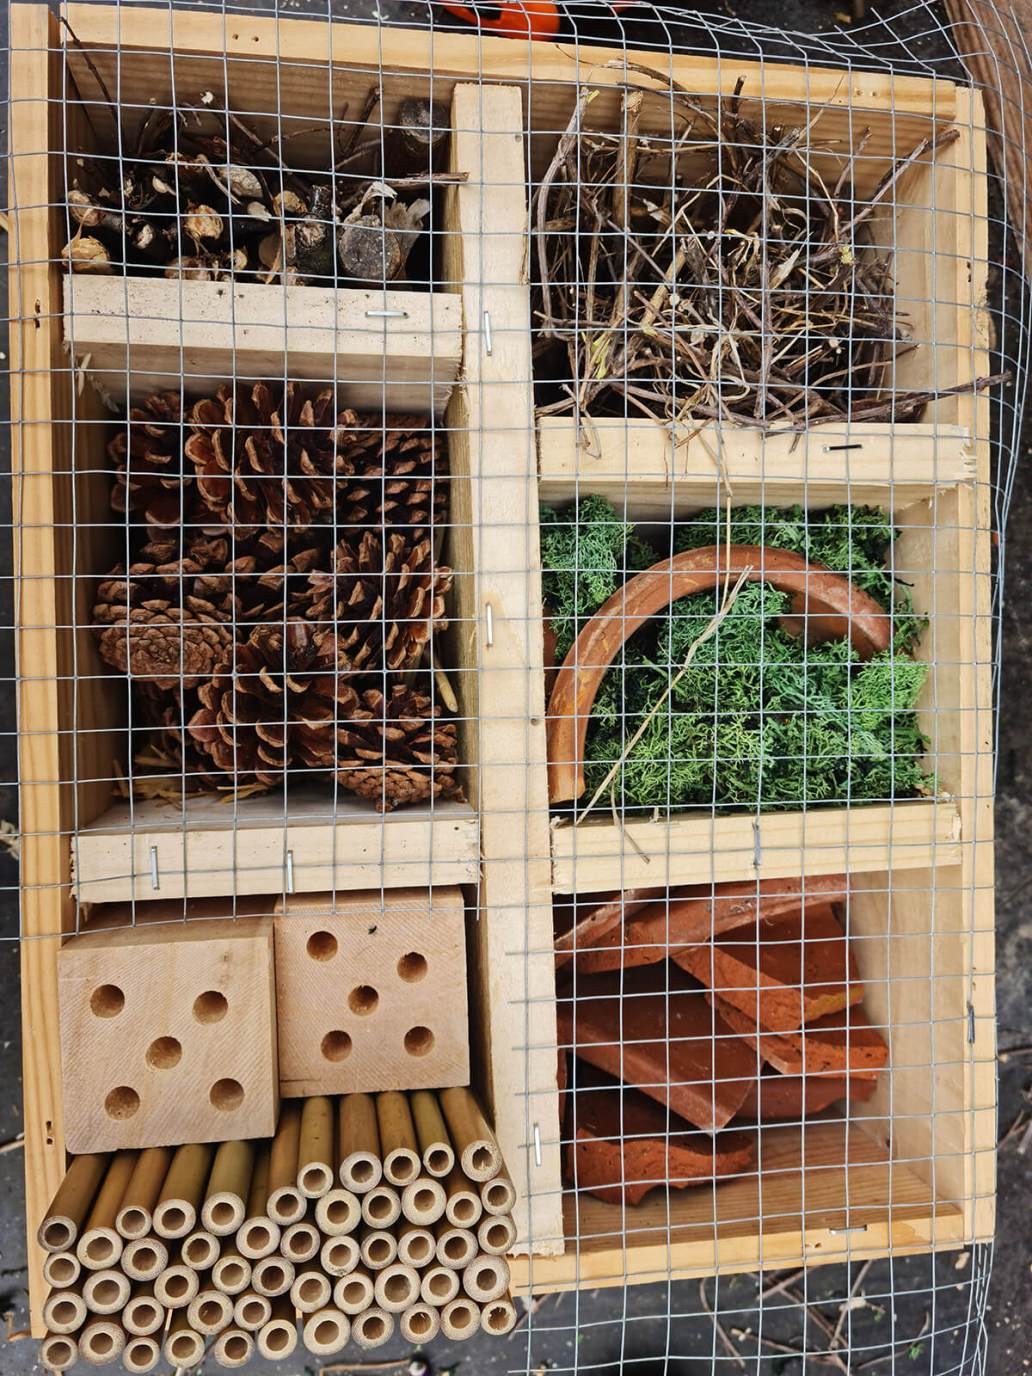 20210520 173808 - DIY jardin : construire un hôtel à insectes avec une caisse à vin